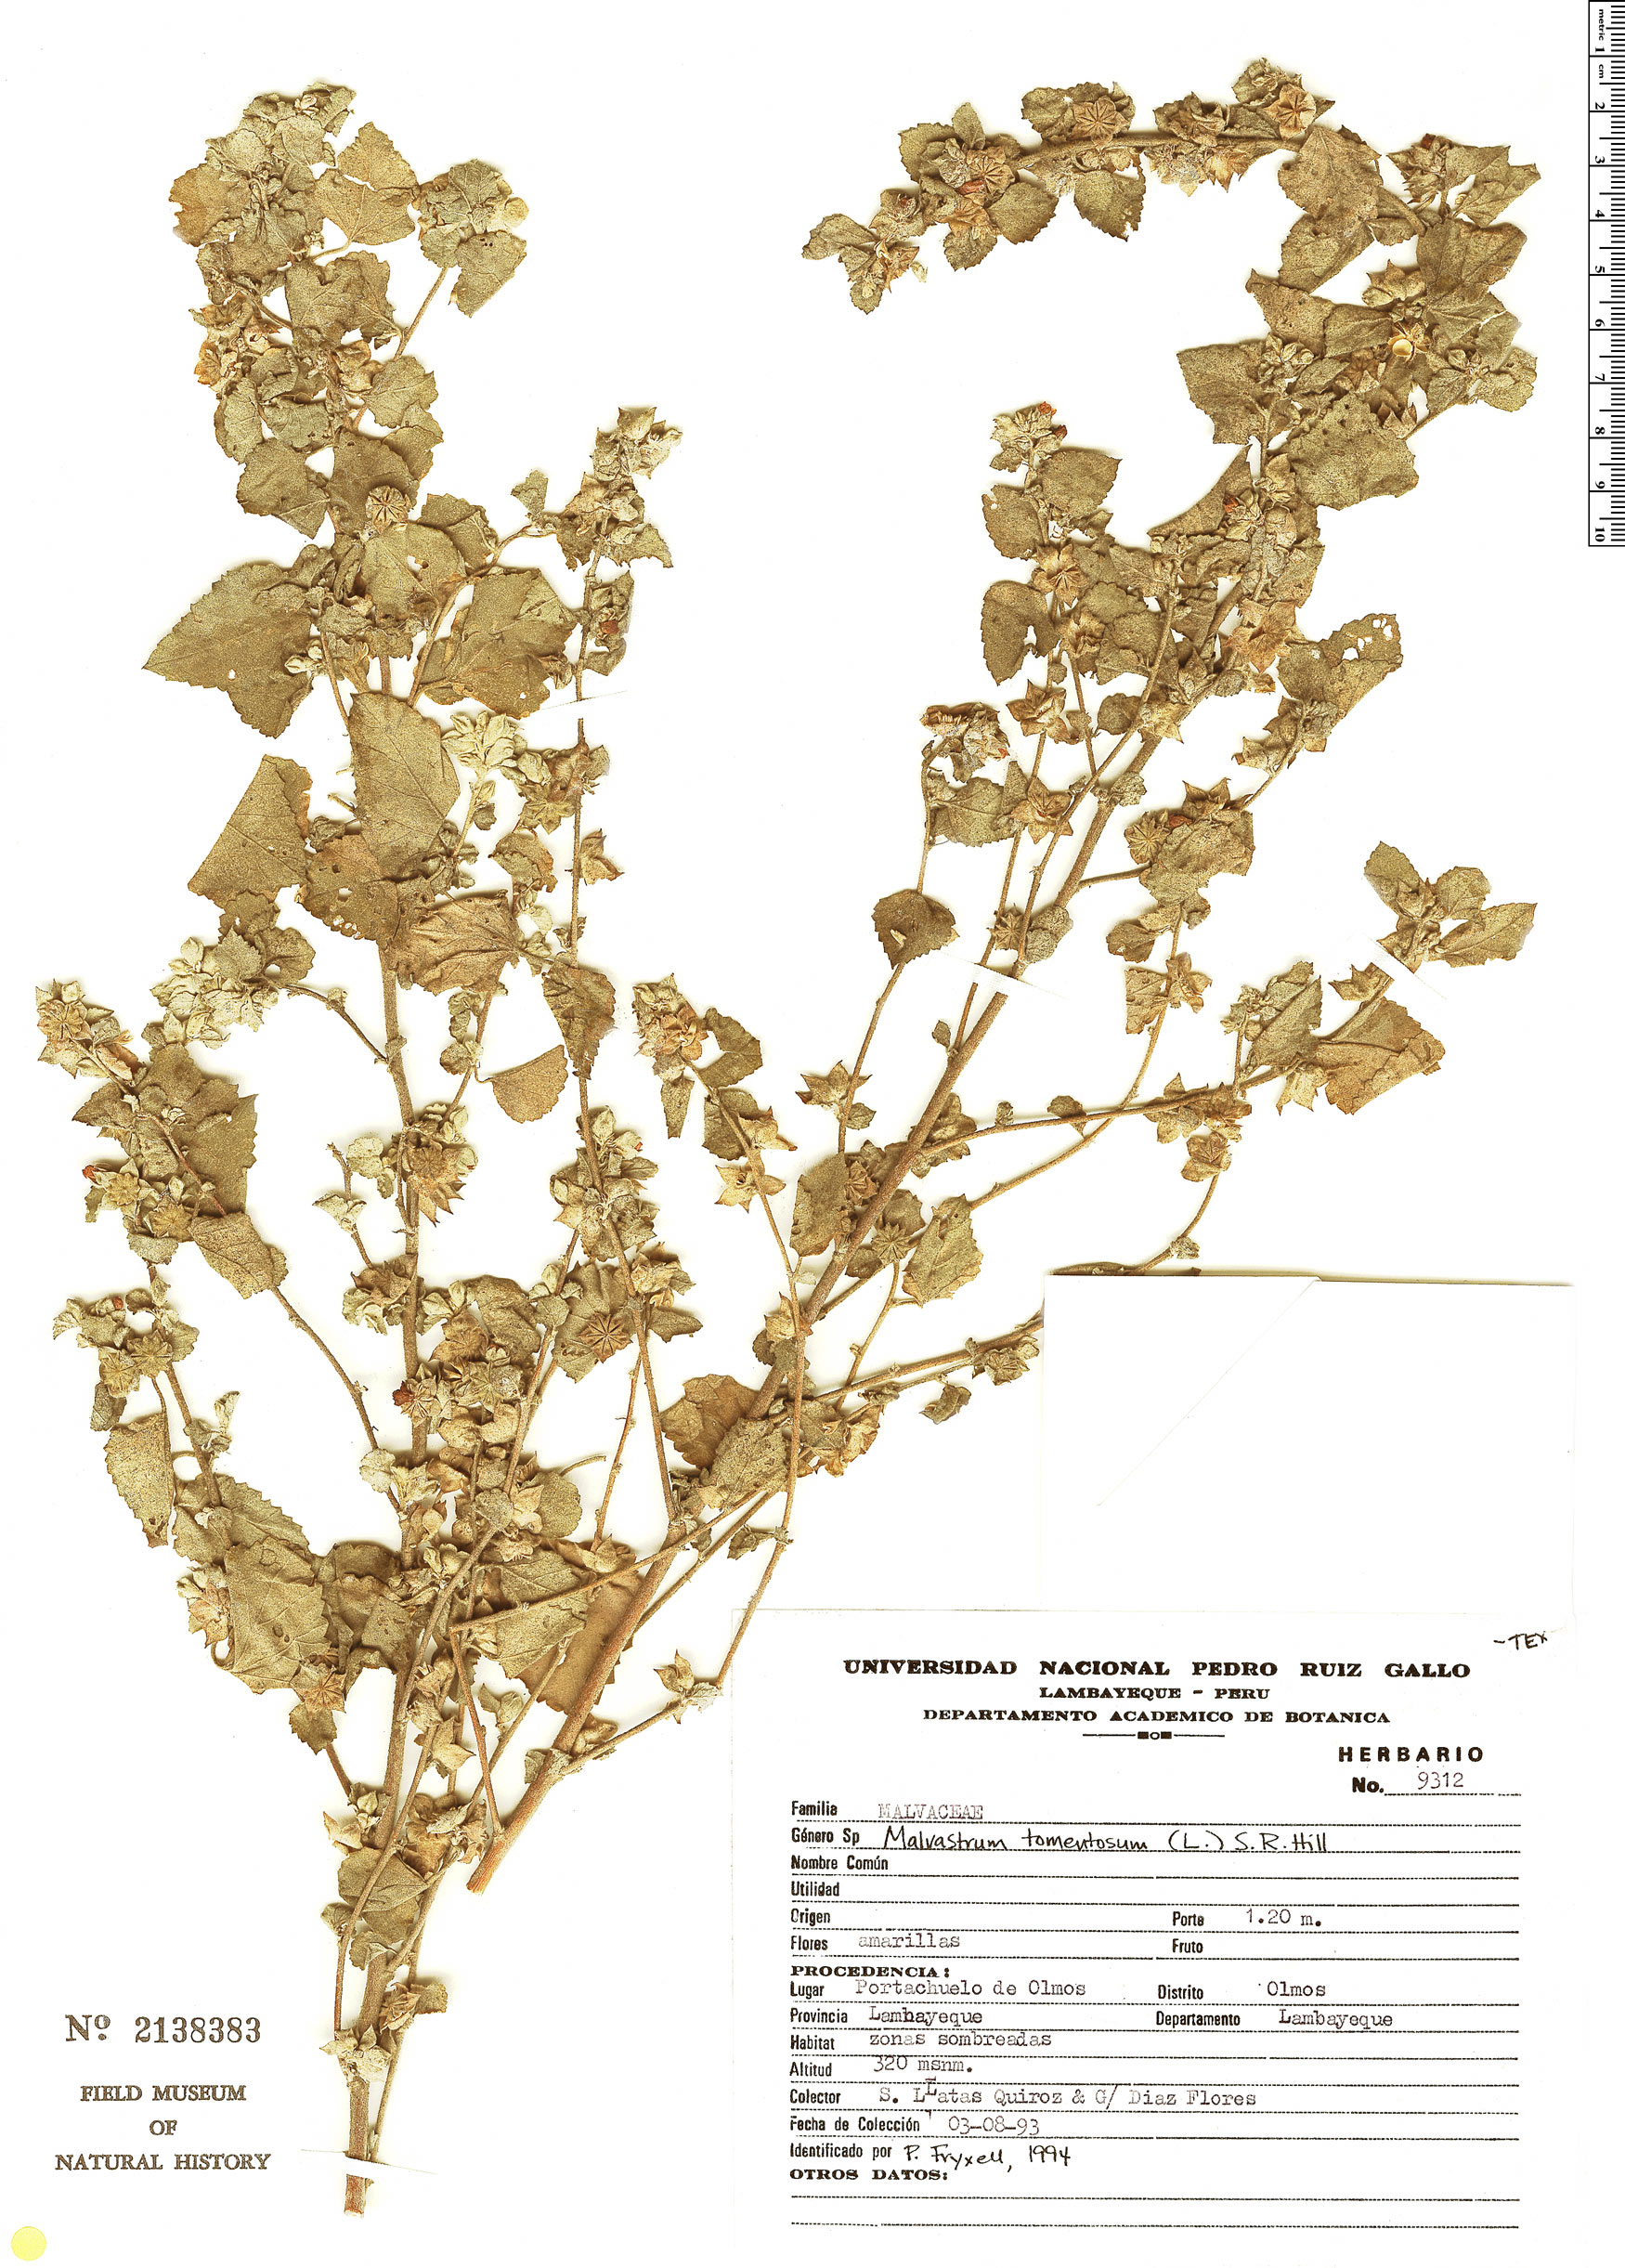 Malvastrum tomentosum image